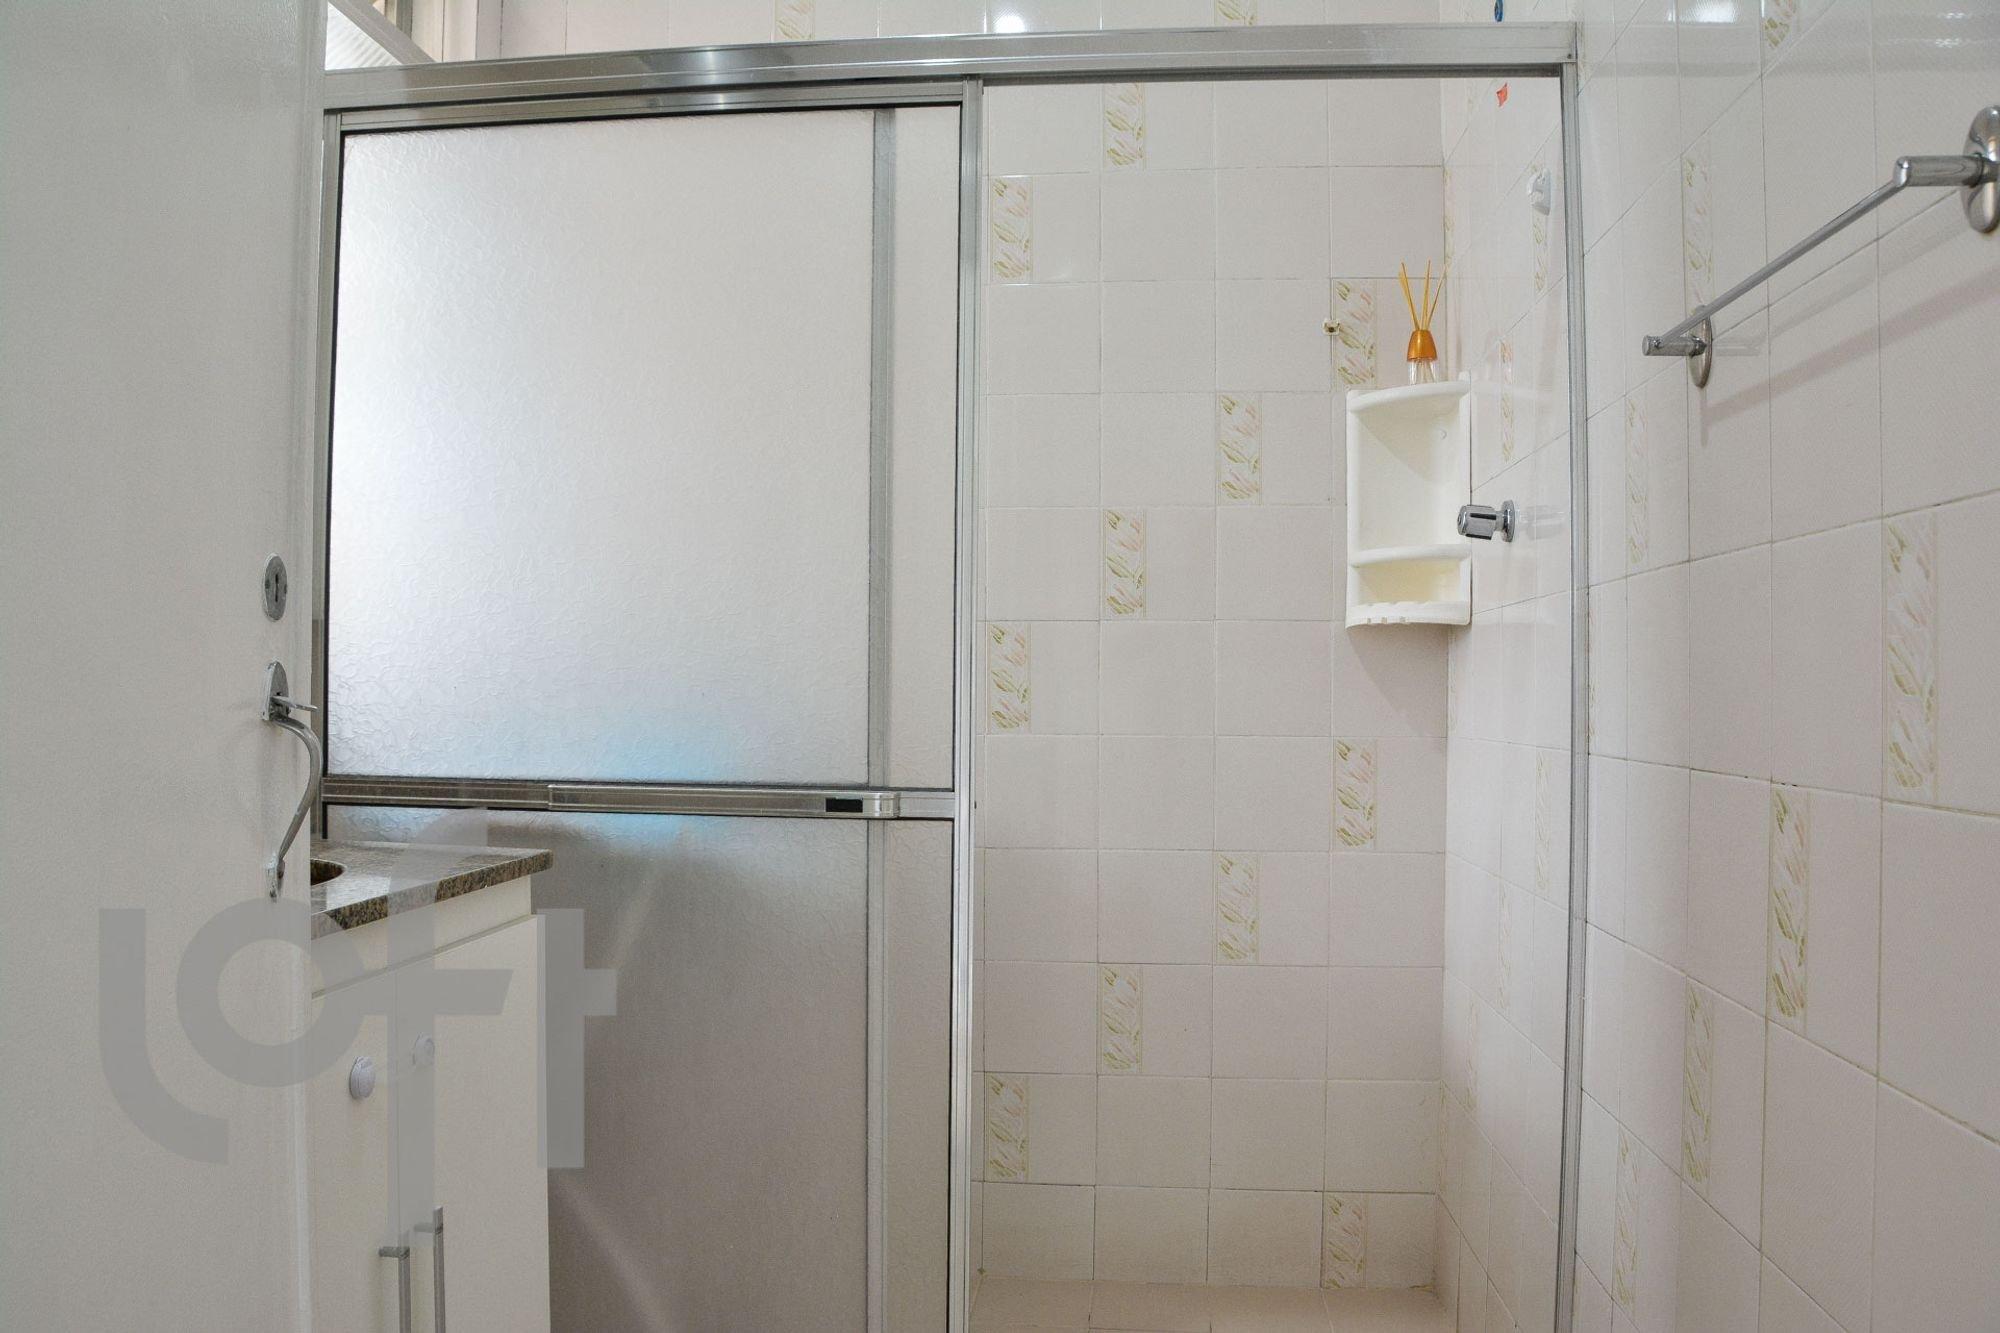 Foto de Banheiro com geladeira